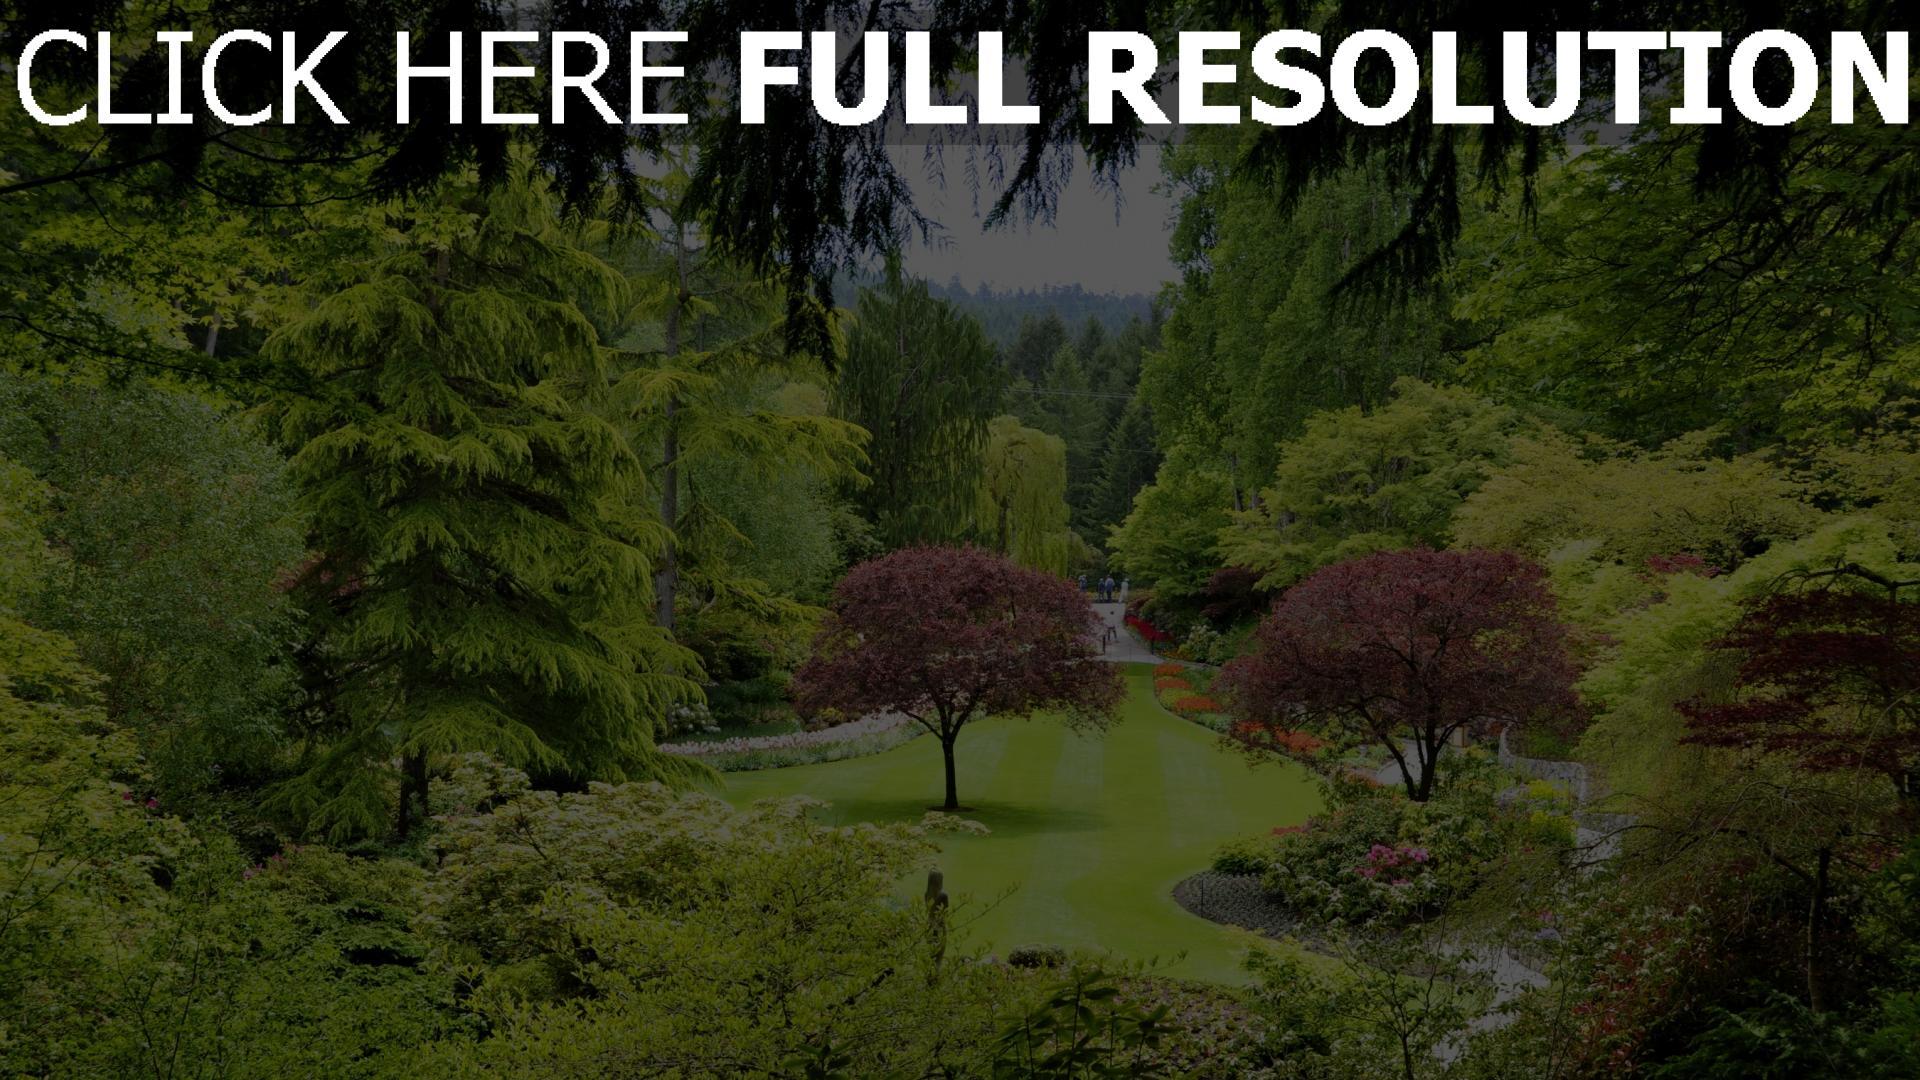 Hd Hintergrundbilder Park Bäume Garten Teich Kanada Desktop Hintergrund